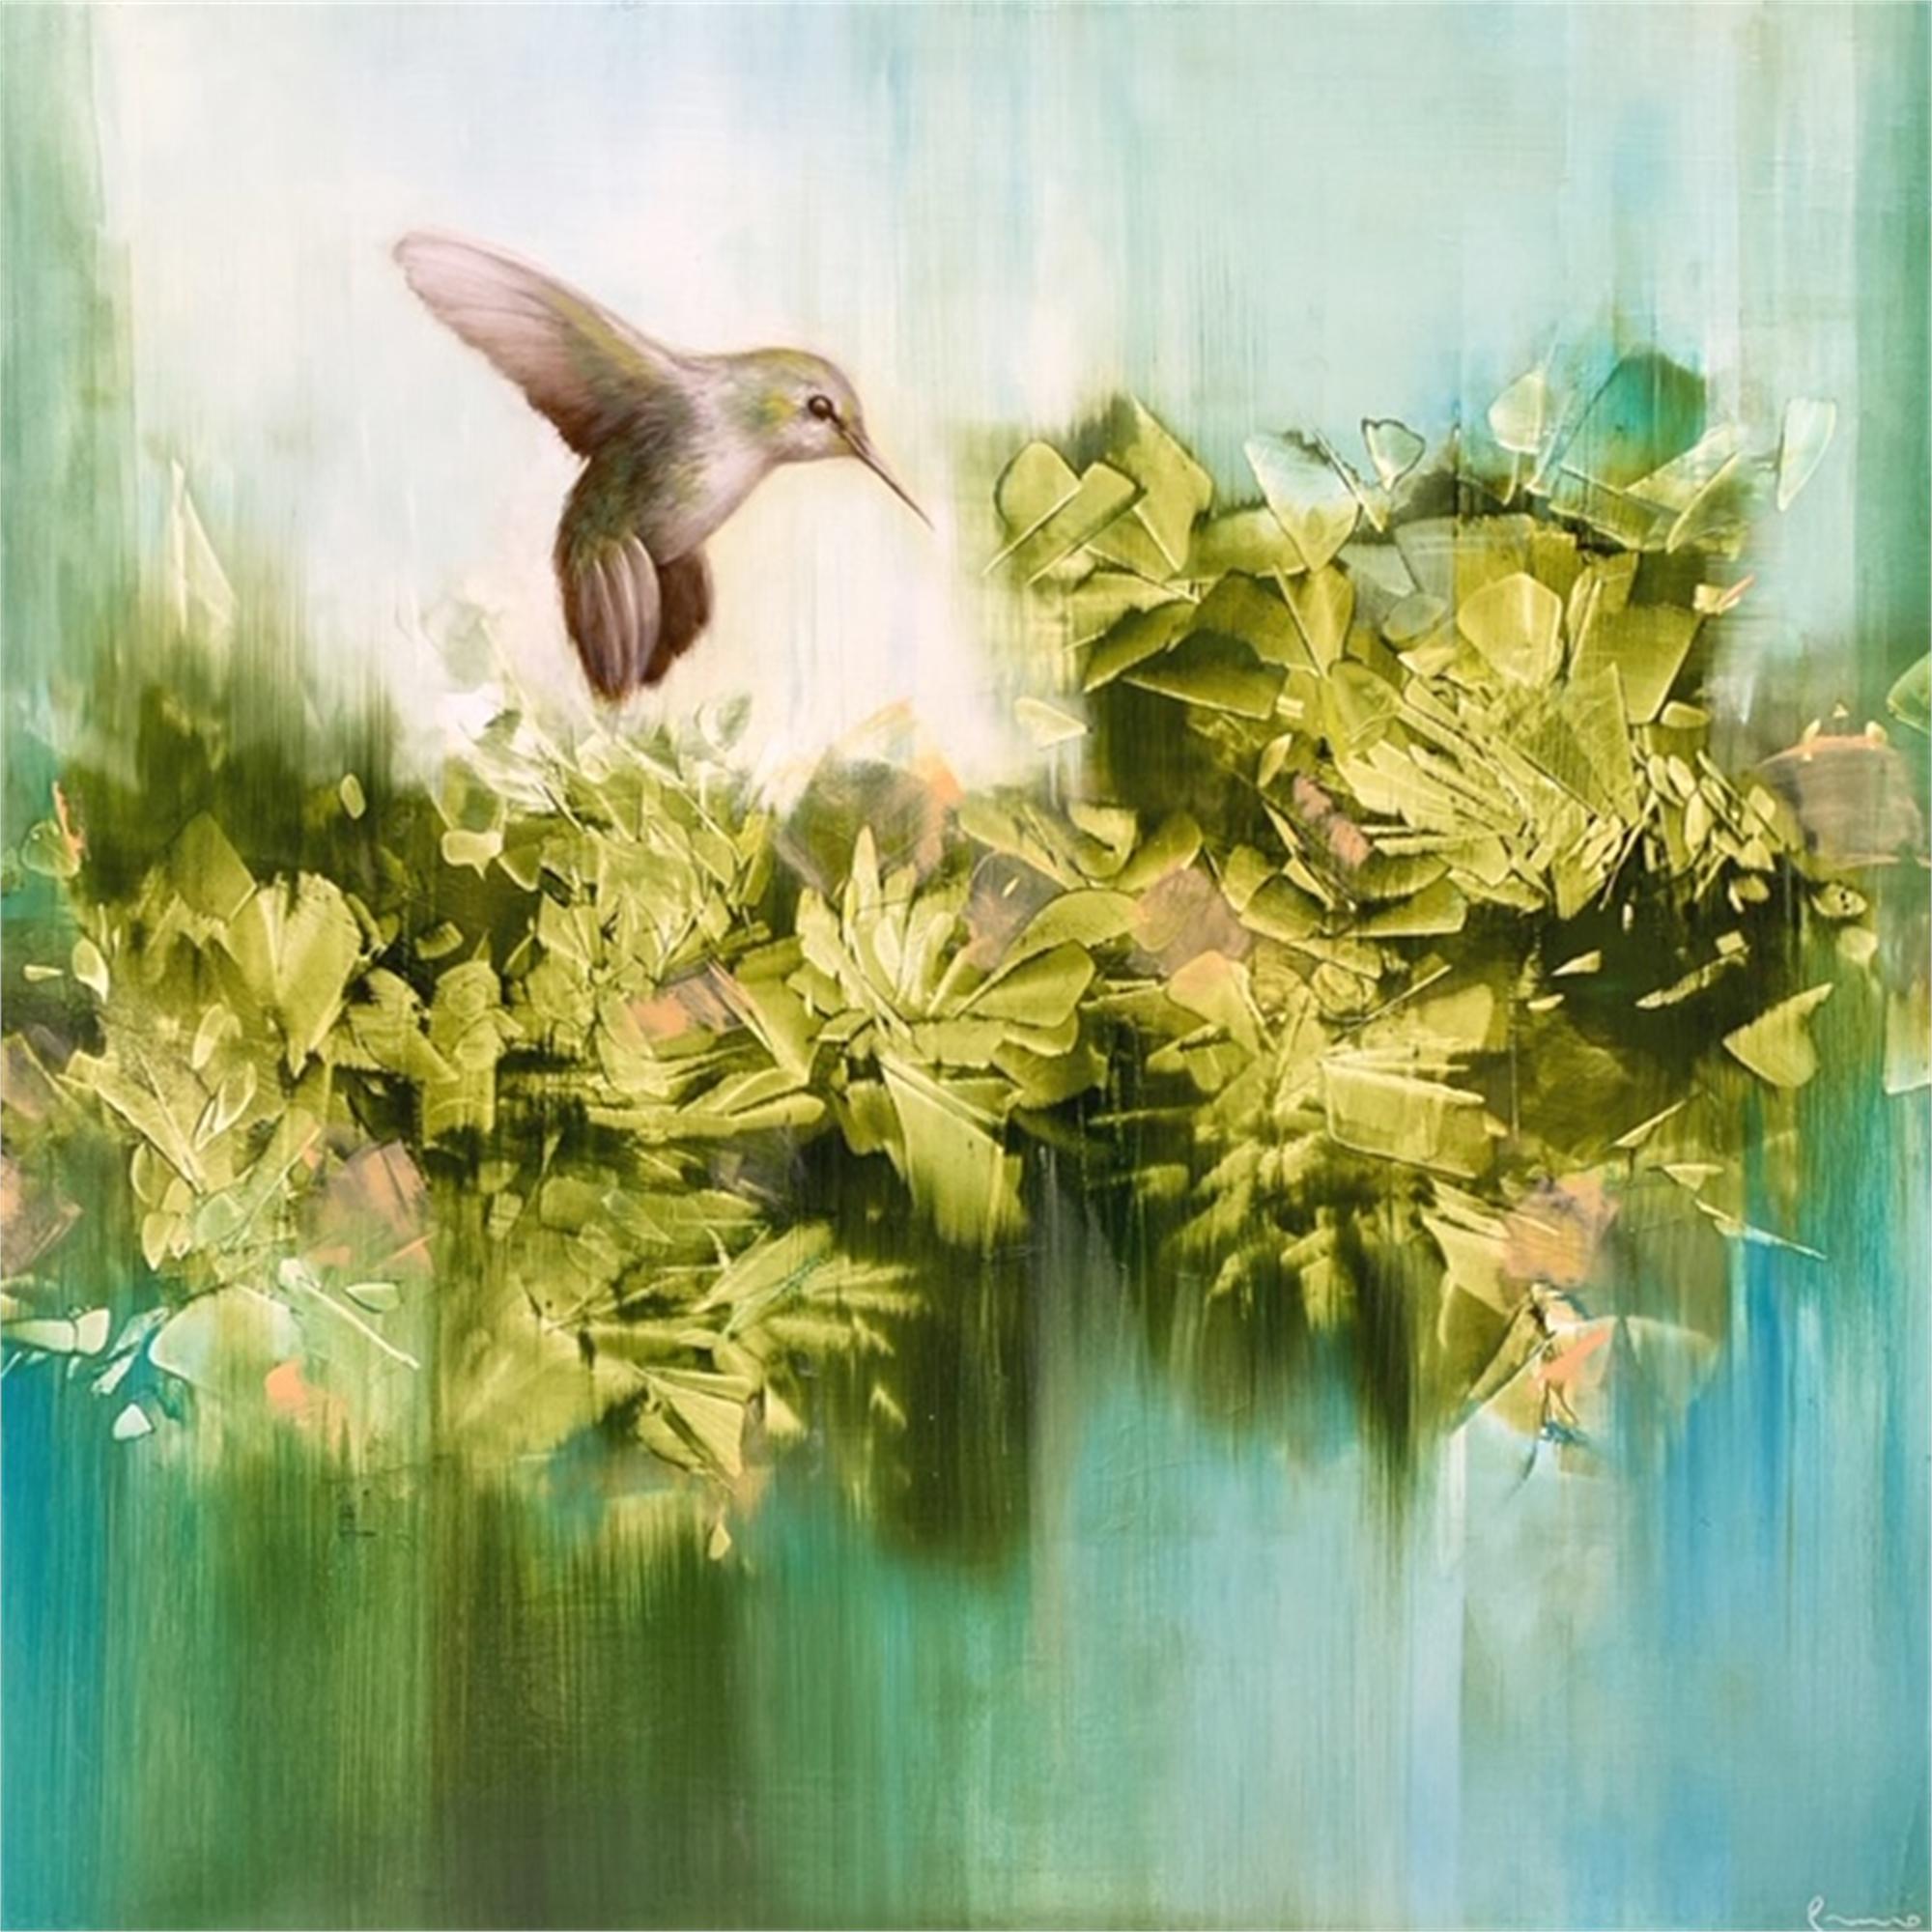 Summer Solstice II by Jessica Pisano